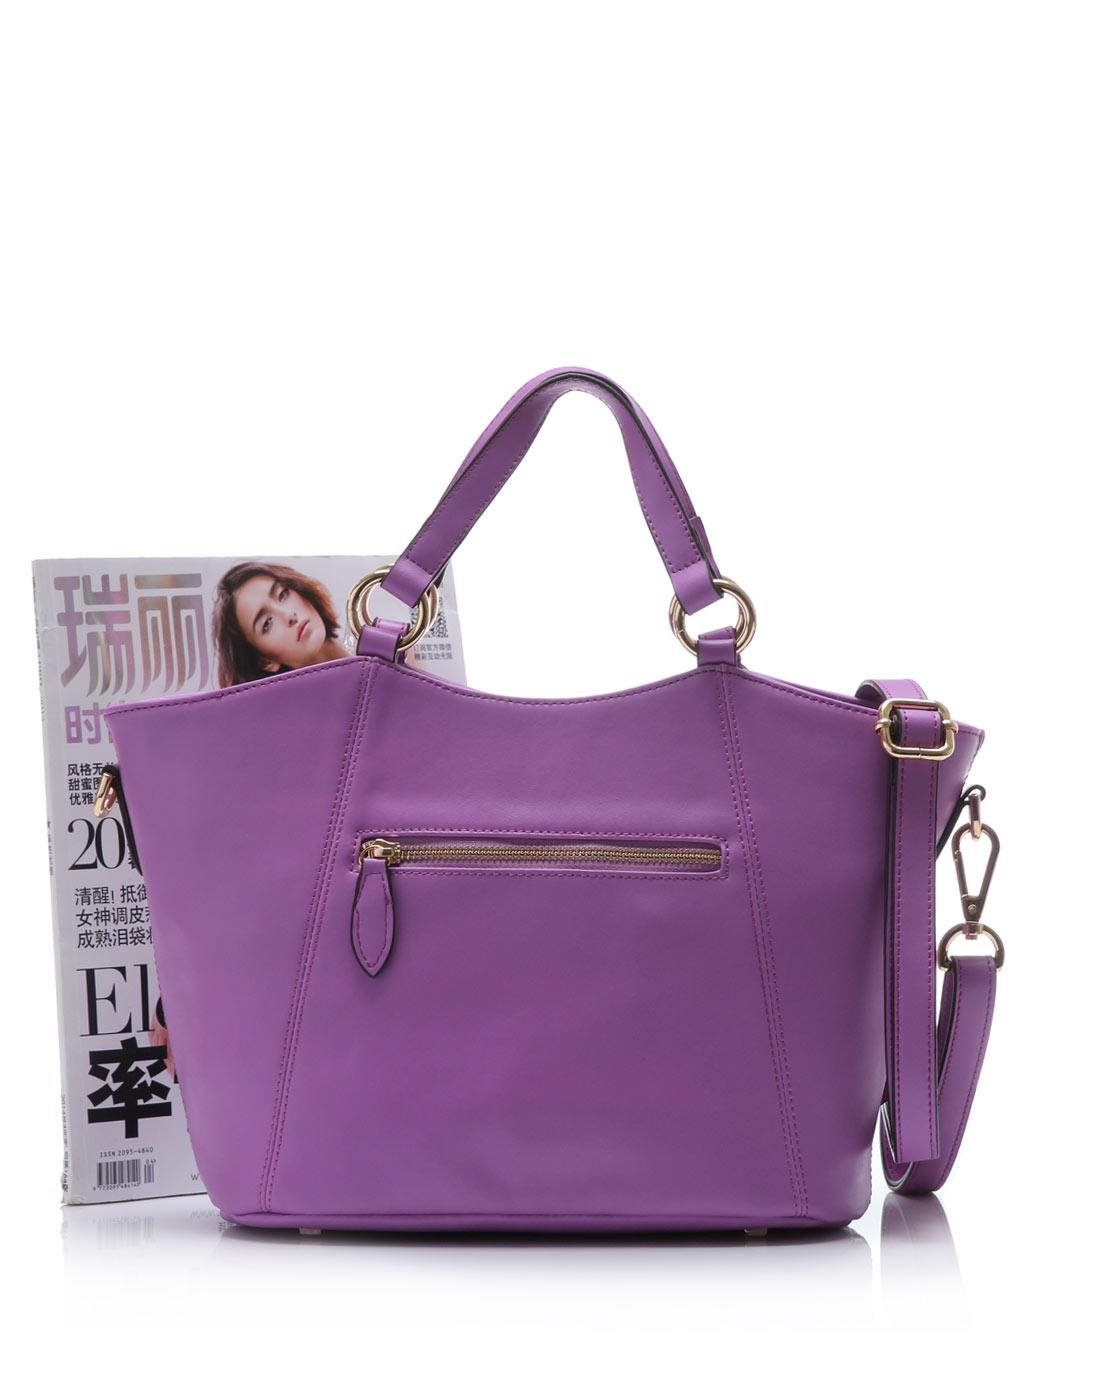 简约浅紫色蝴蝶结单肩包